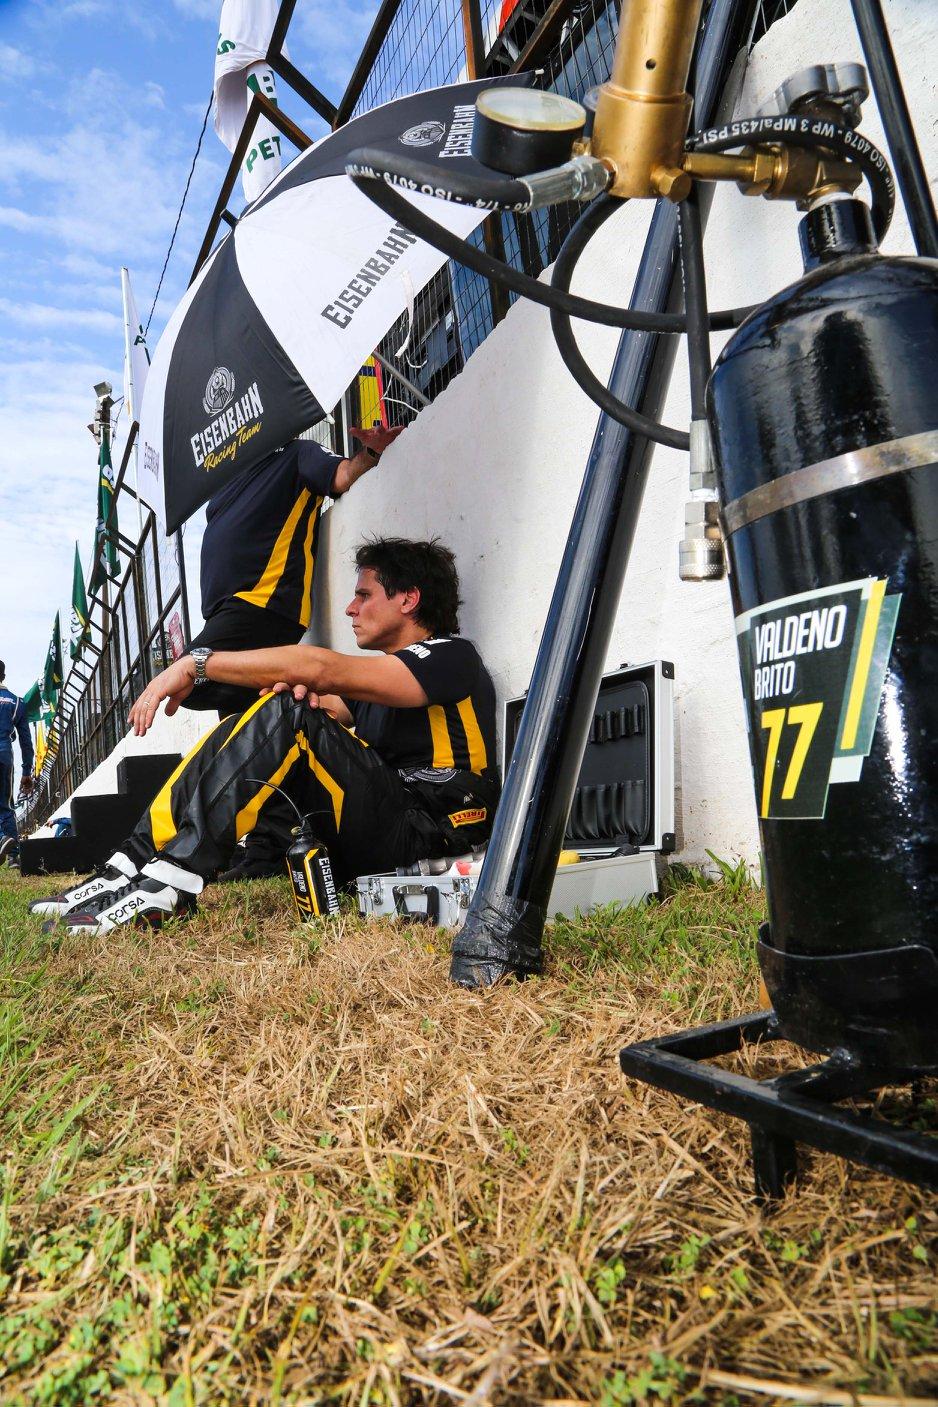 Photo of Stock Car – Valdeno busca pontos para entrar nas férias da Stock com o pé direito